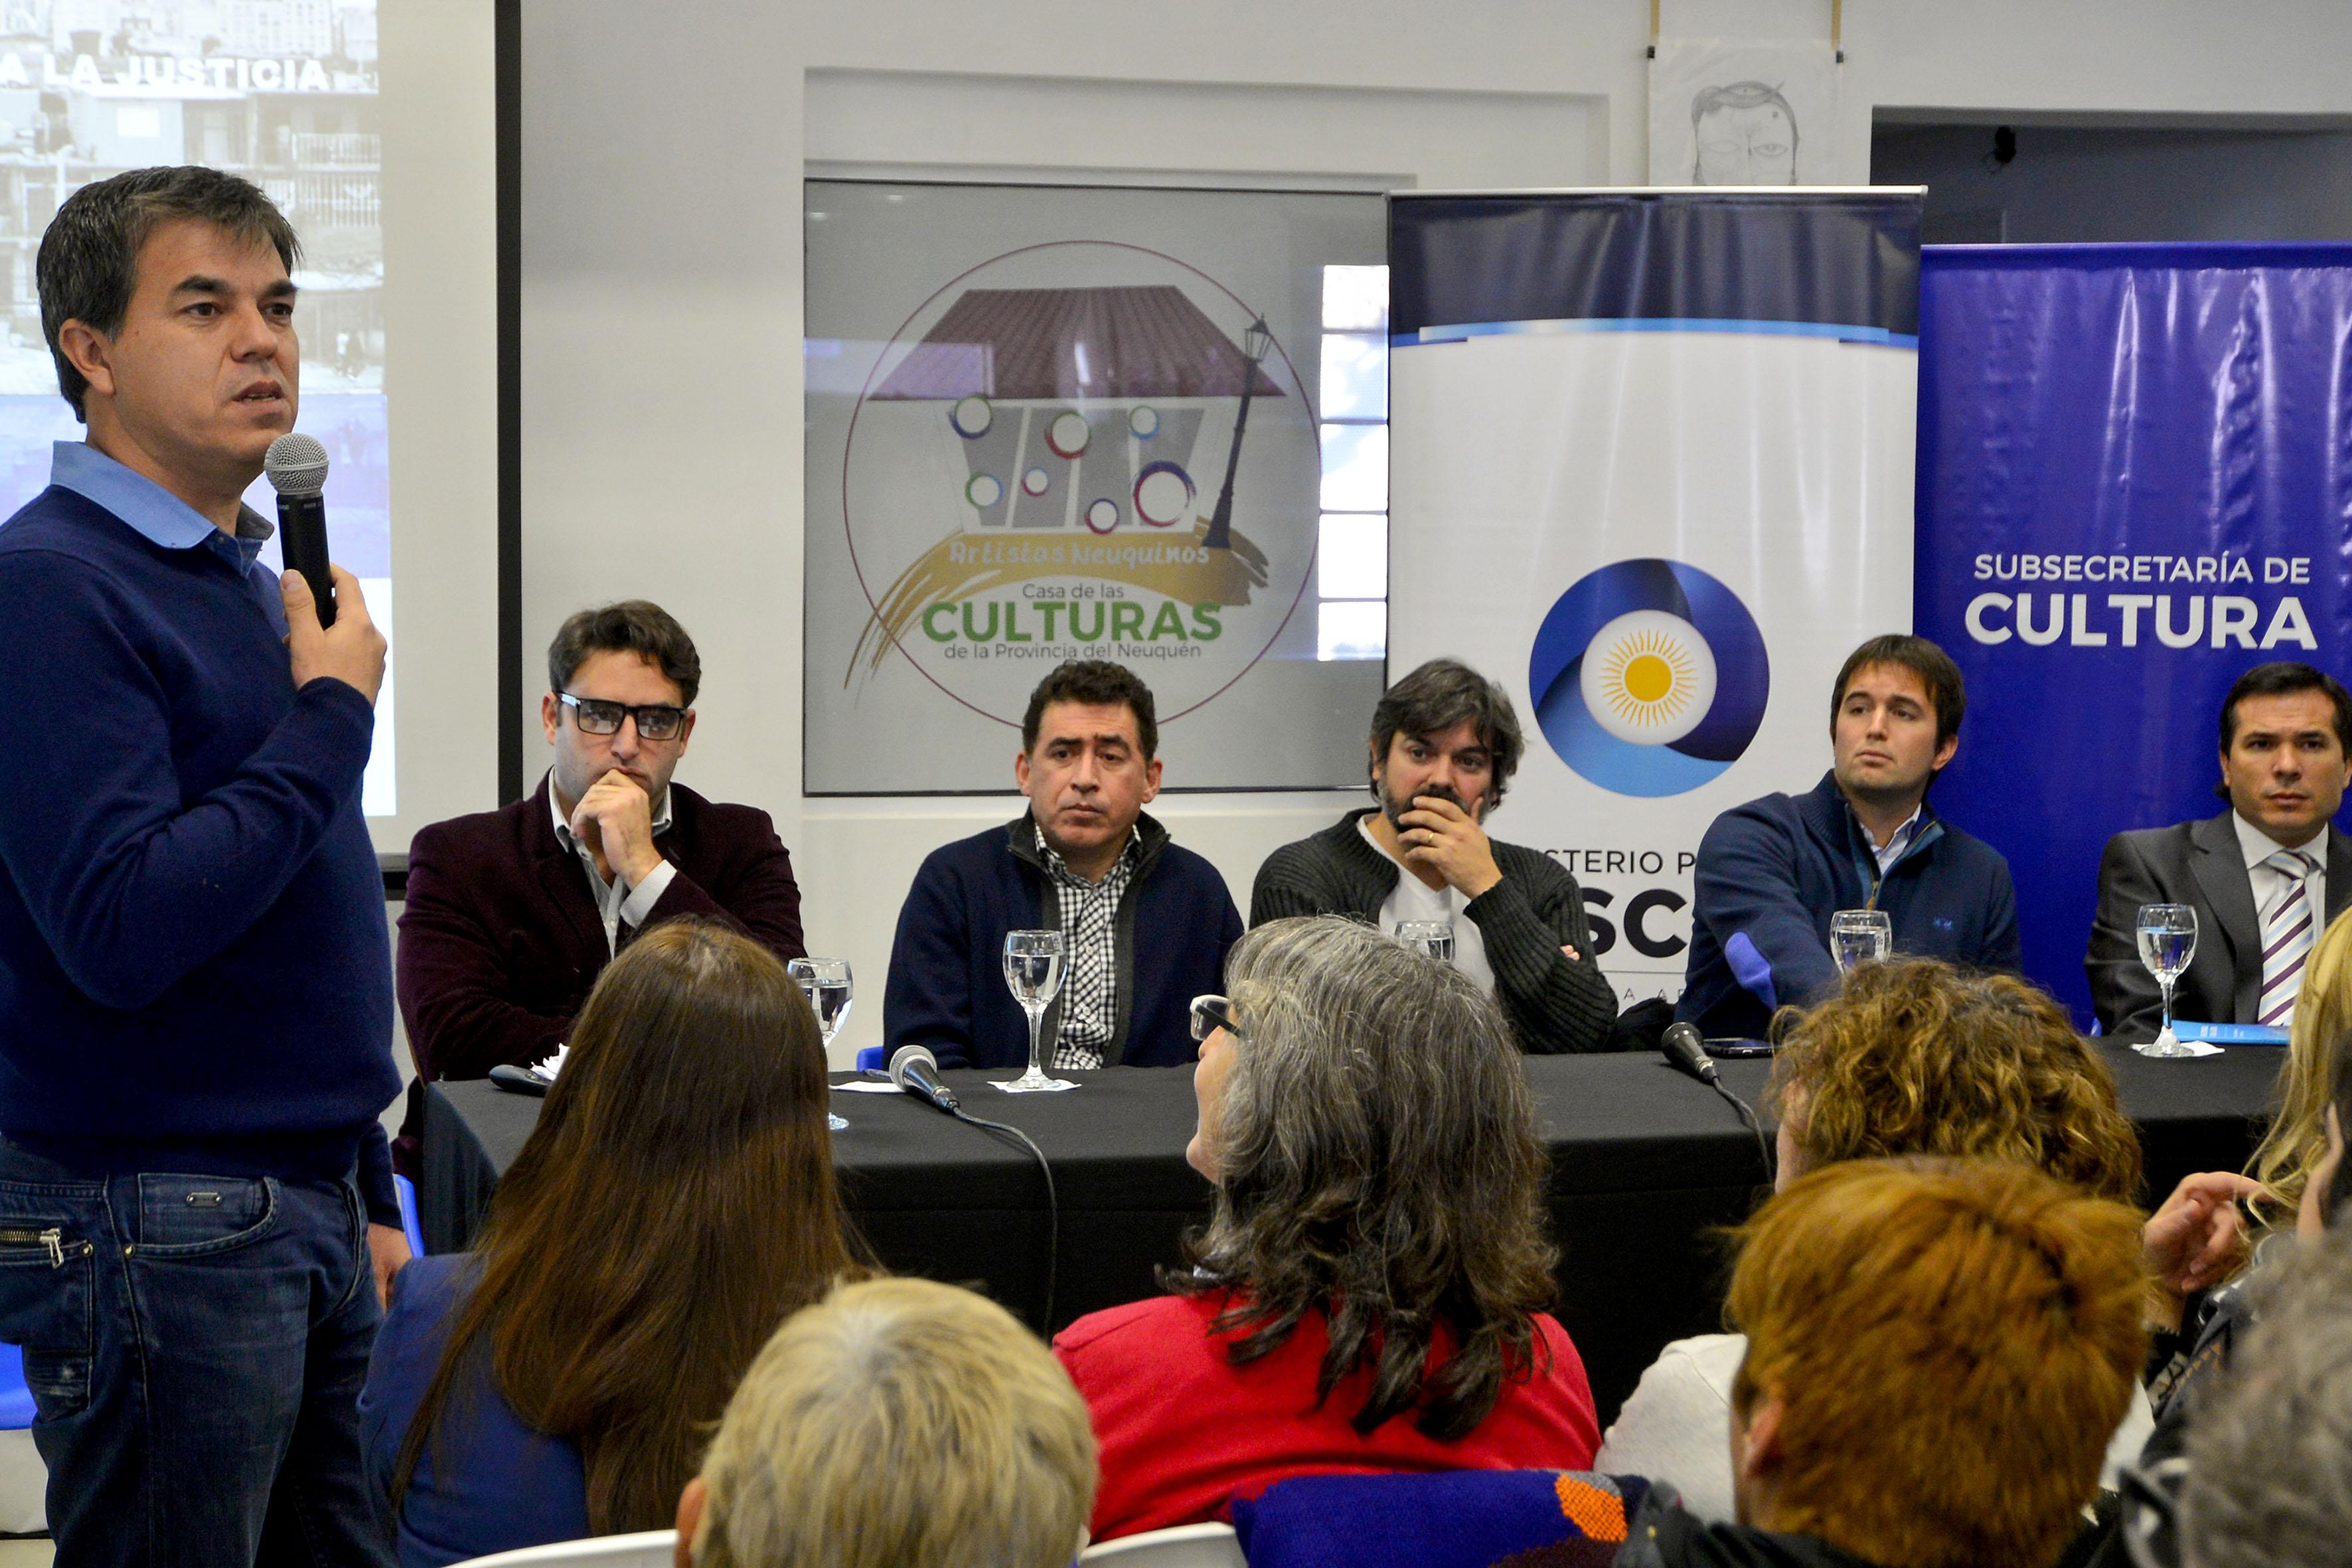 En la casa de las cultura el ministro Gustavo Alcaraz junto a funcionarios provinciales y nacionales presento el libro Agencia territoriales de acceso a la justicia.